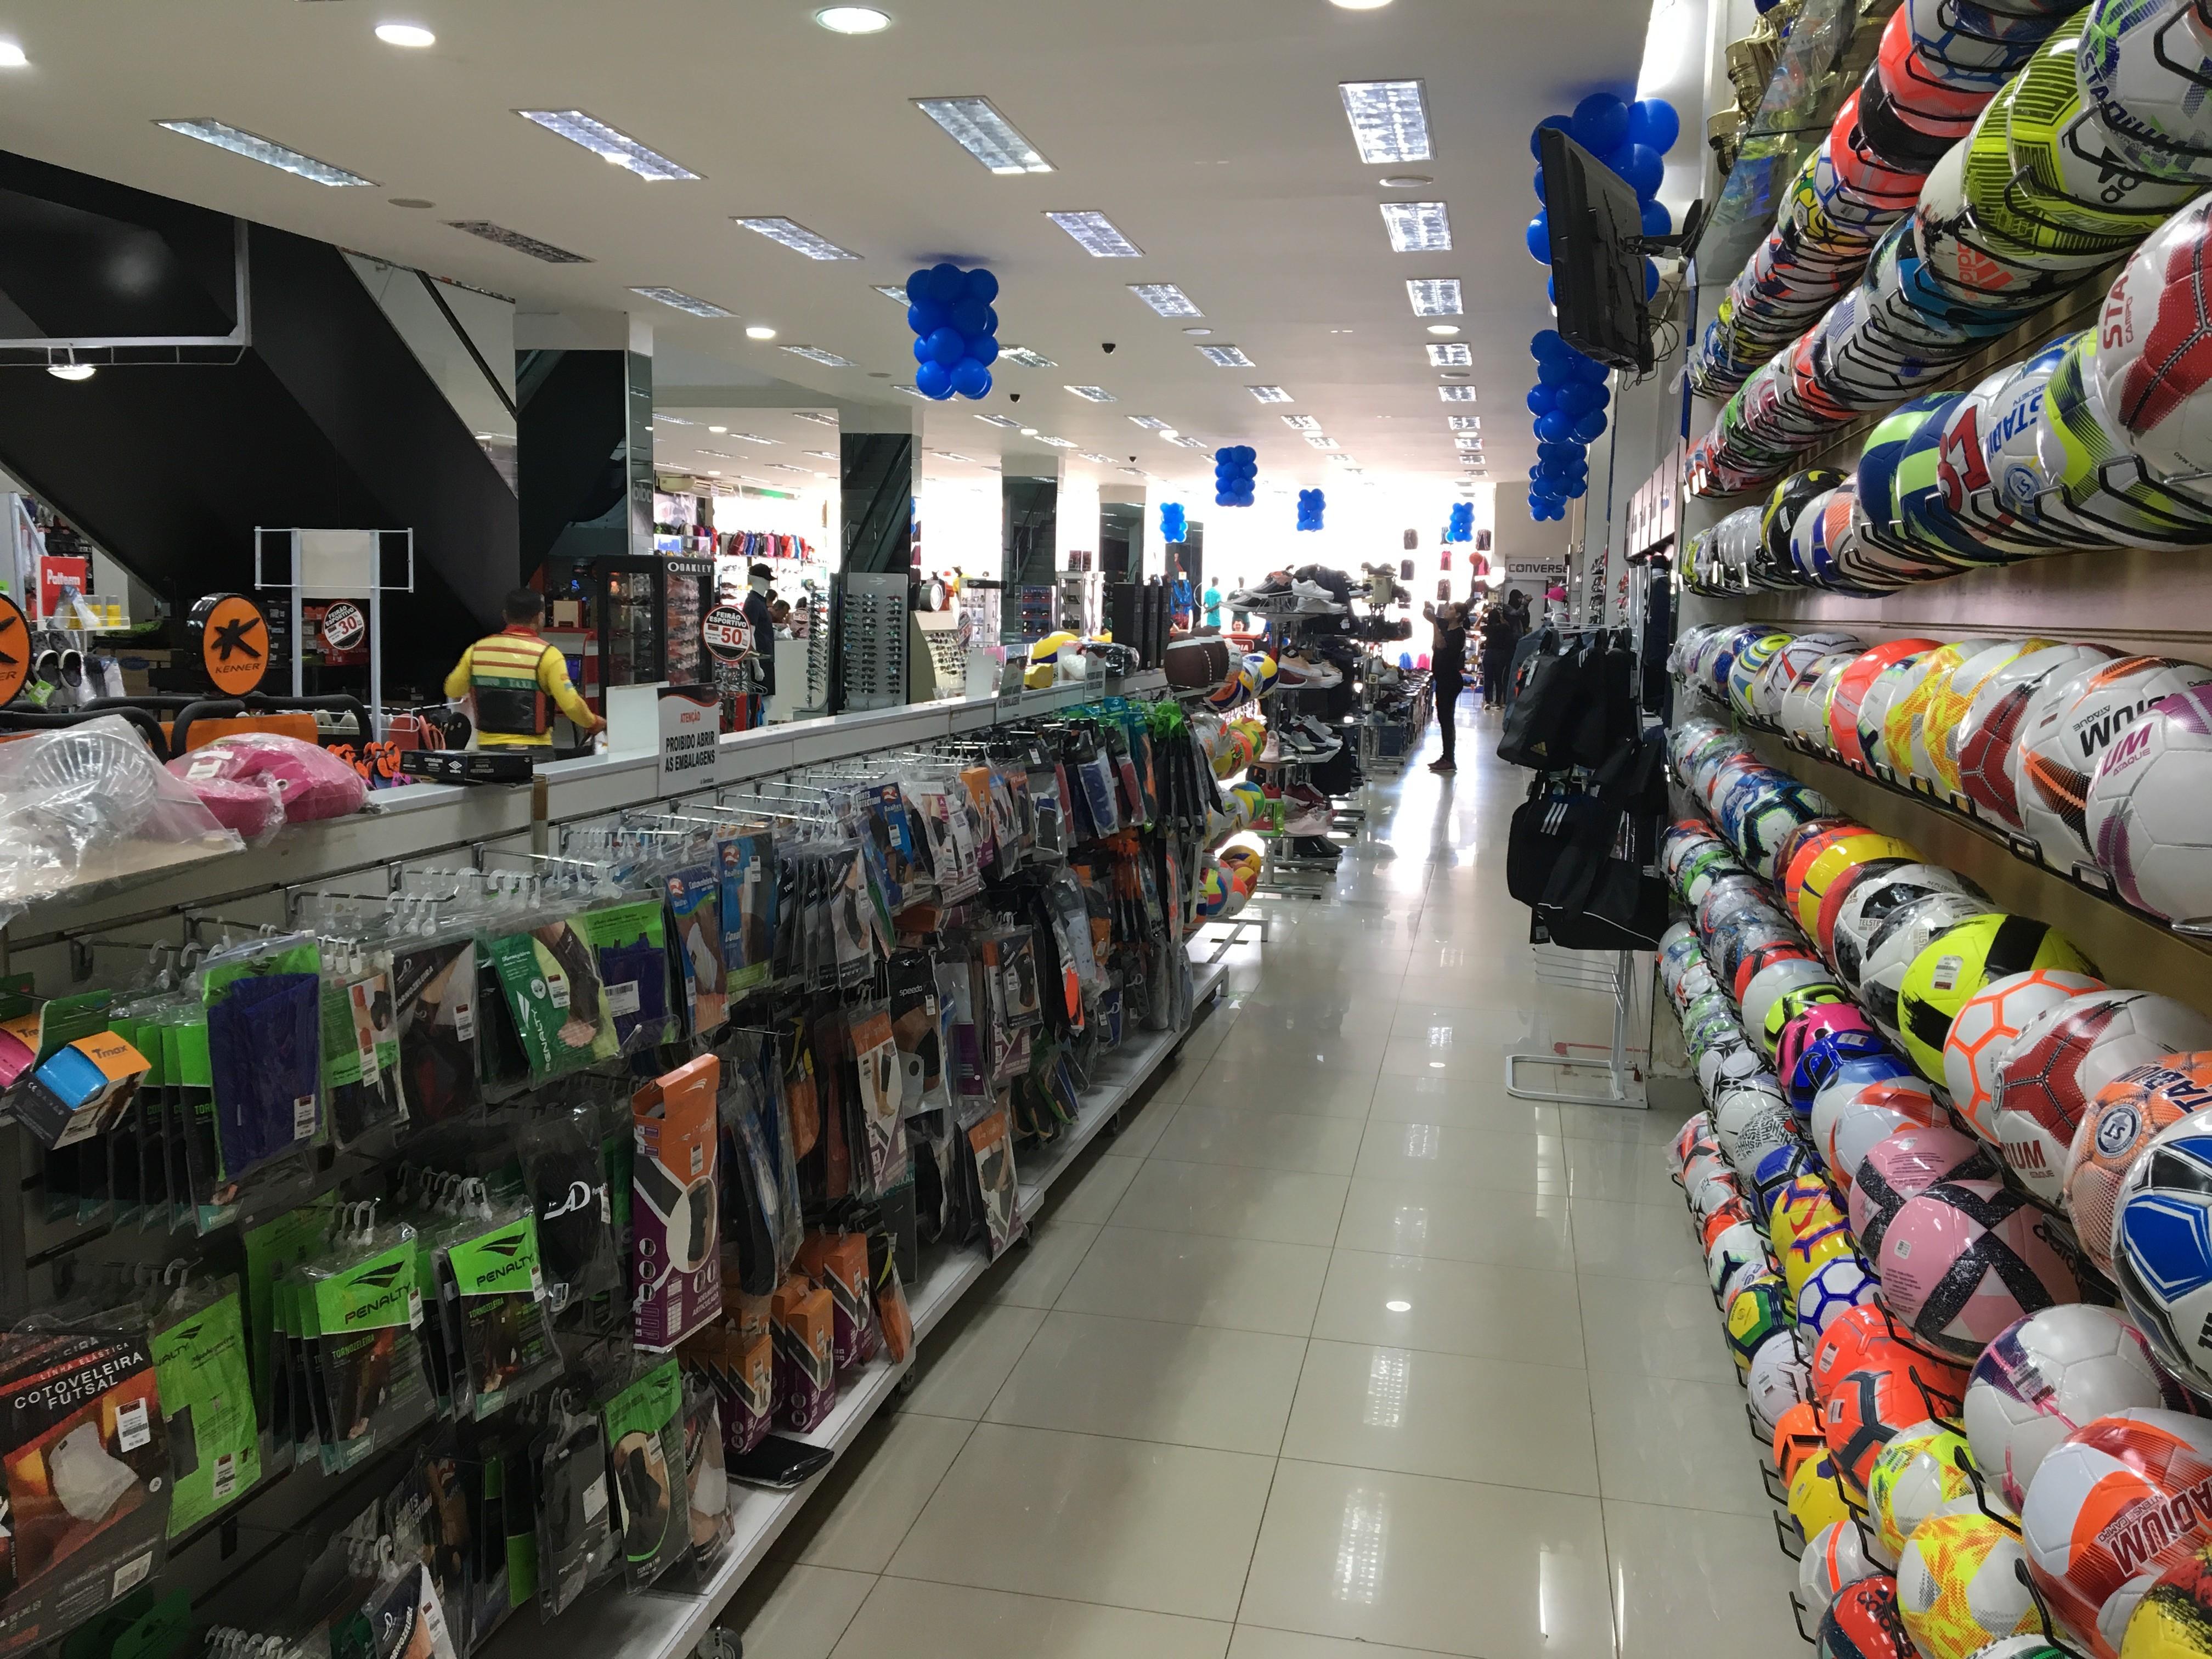 AP apresenta o maior crescimento do país em vendas no varejo em agosto, aponta IBGE - Notícias - Plantão Diário